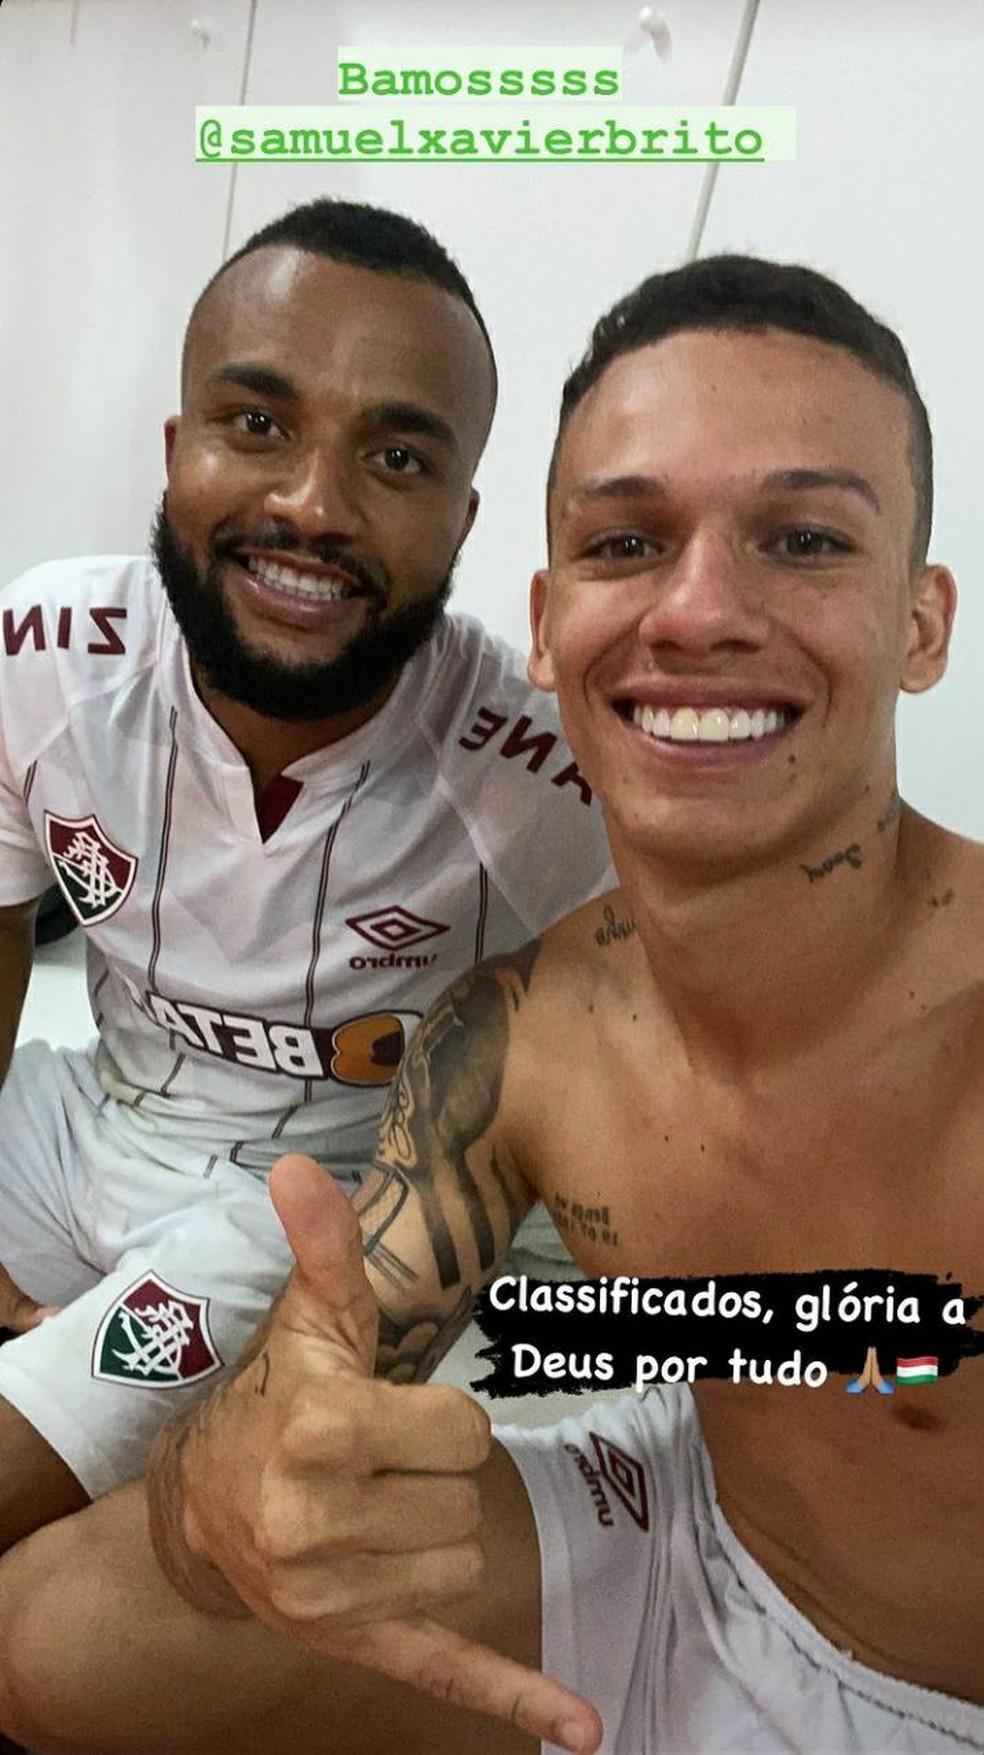 Samuel Xavier e Calegari comemoram a classificação do Fluminense no vestiário — Foto: Divulgação